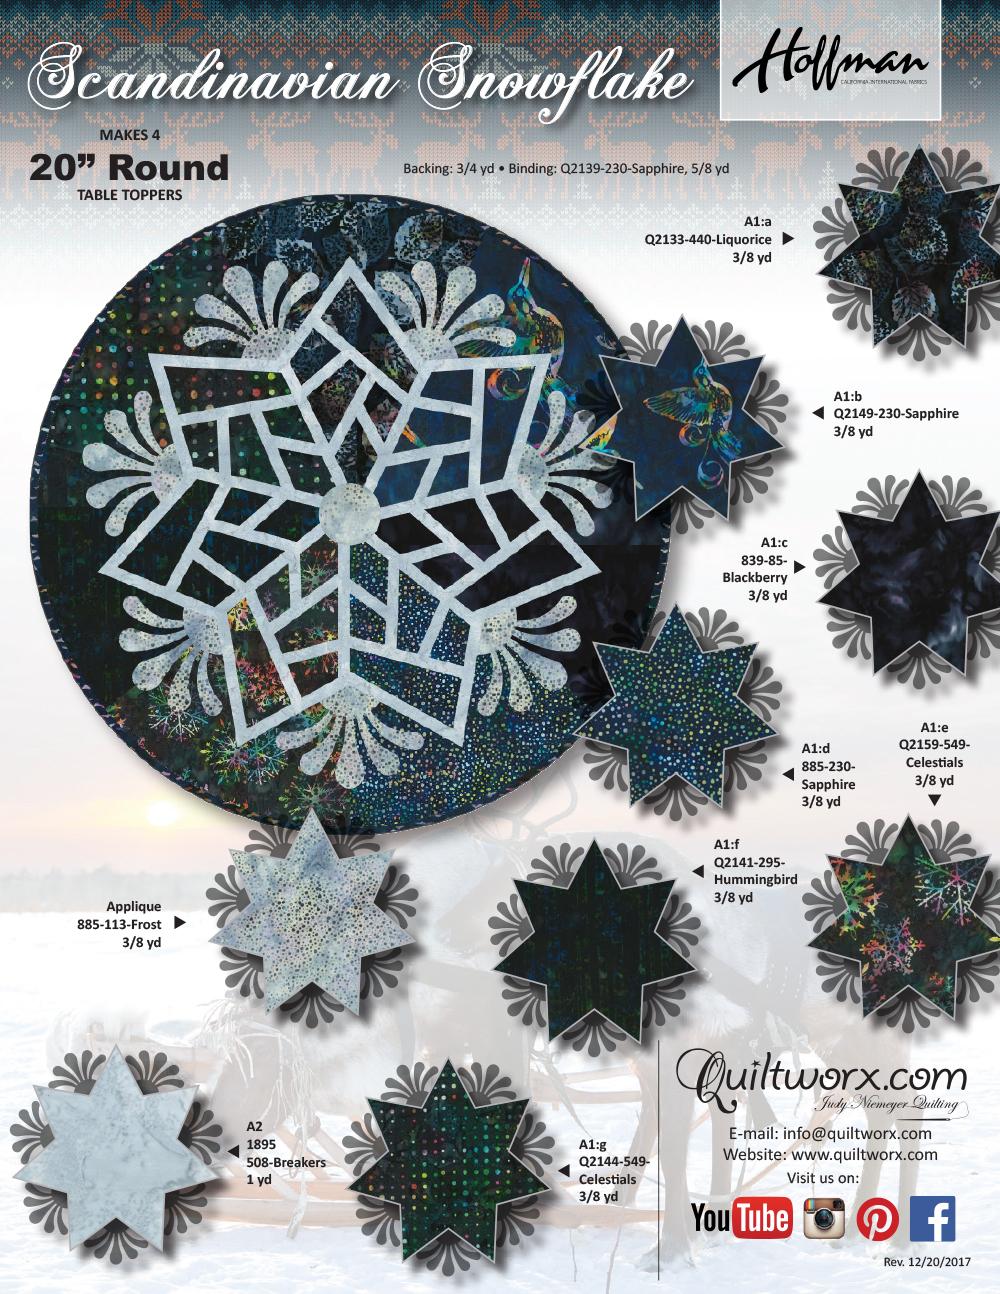 Scandinavian-Snowflake-(Drk-Blue)-Hoffman-1pg-KS